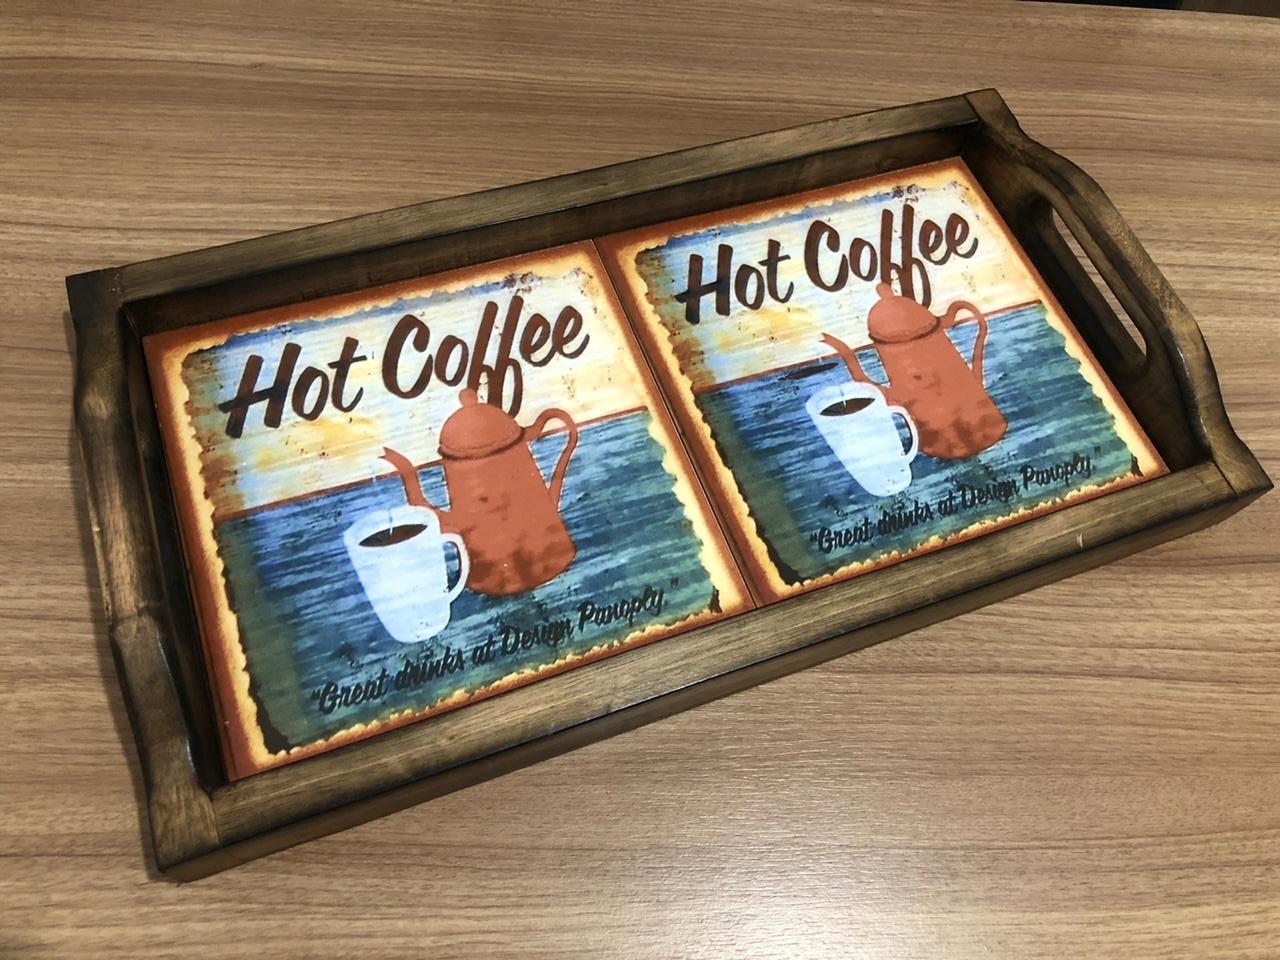 Bandeja em Madeira e 2 Ladrilhos - Hot Coffee 2